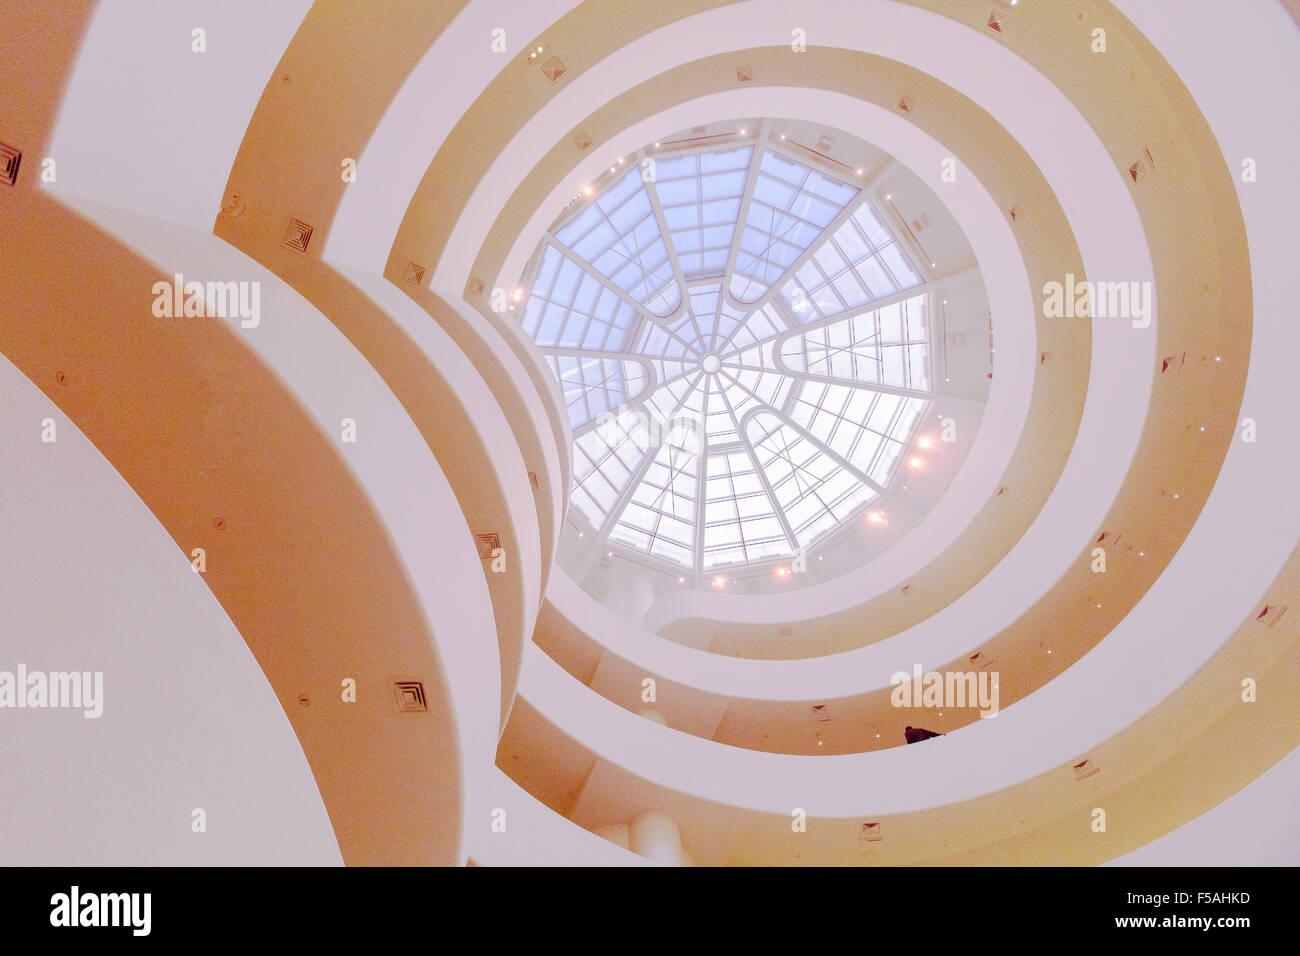 El Museo Guggenheim de Nueva York, Estados Unidos de América. Diseñado por Frank Lloyd Wright. Imagen De Stock